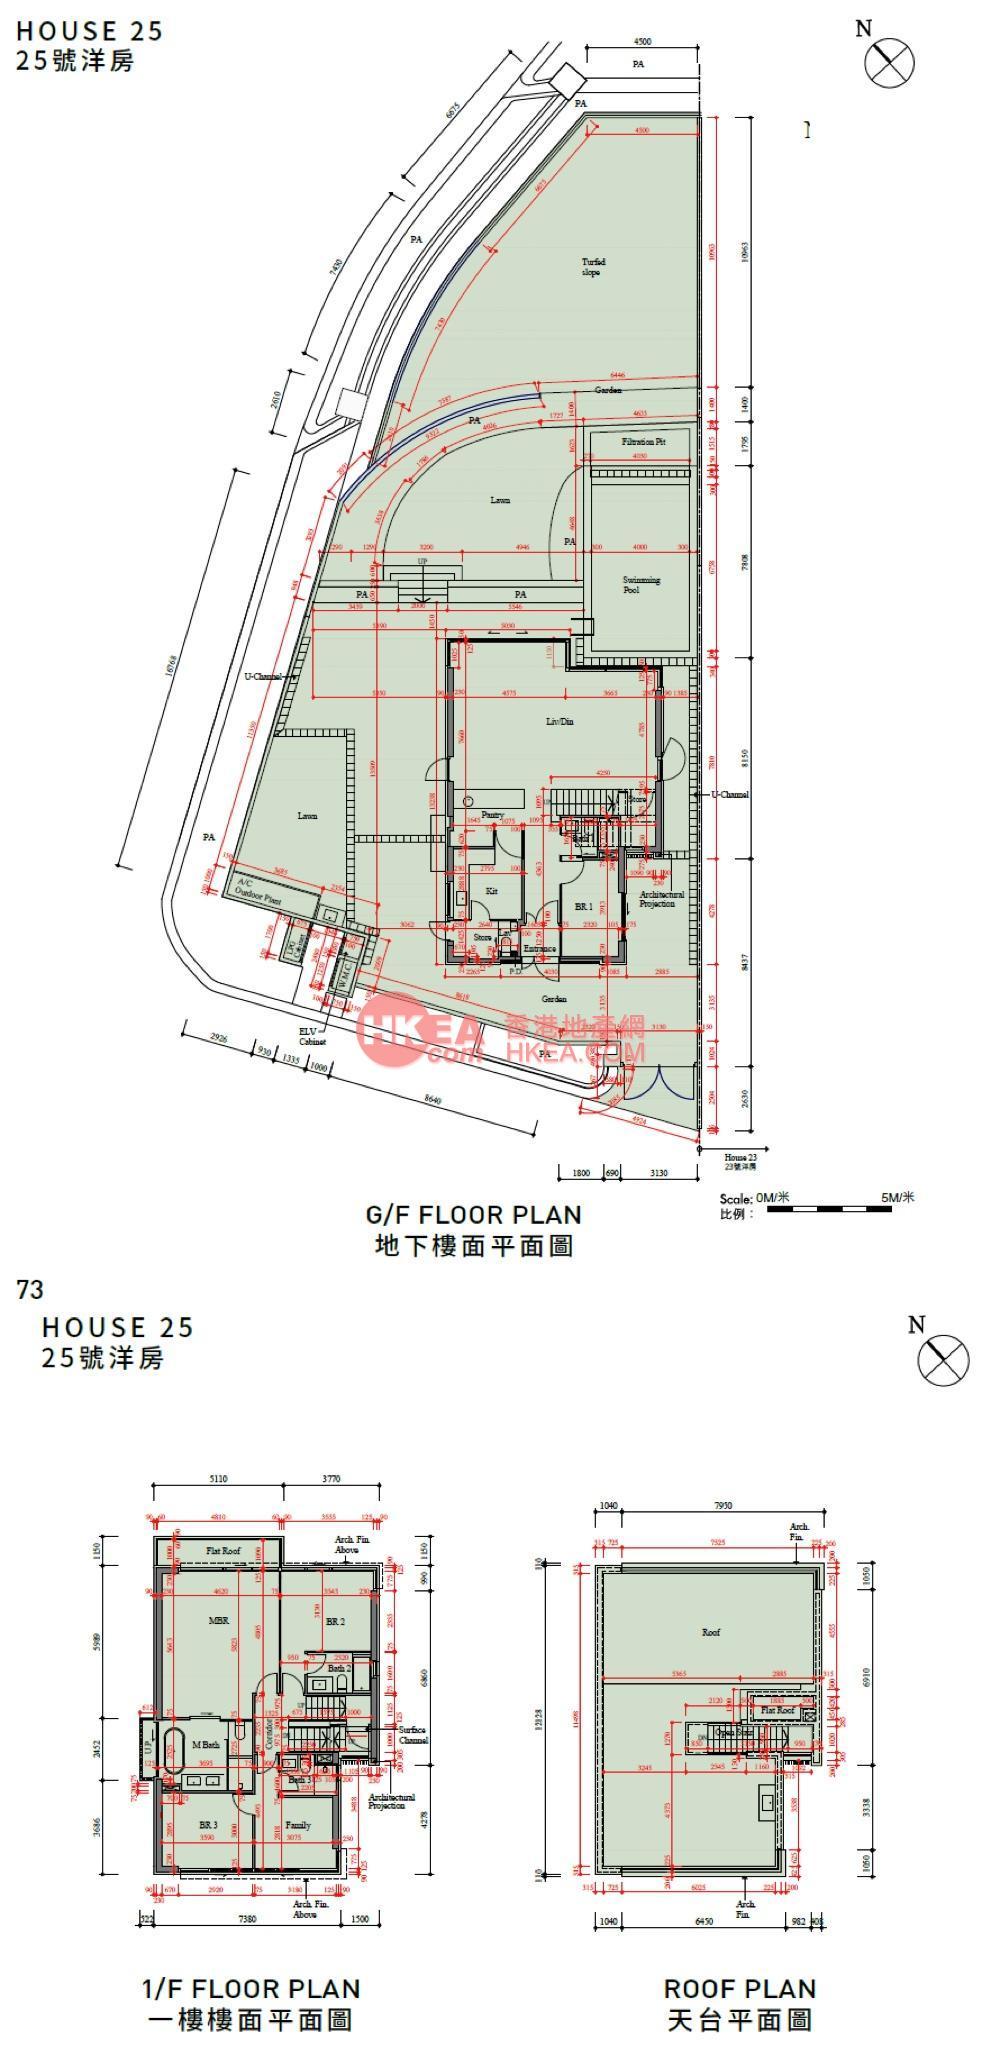 愉景灣 意峰洋房 25|()